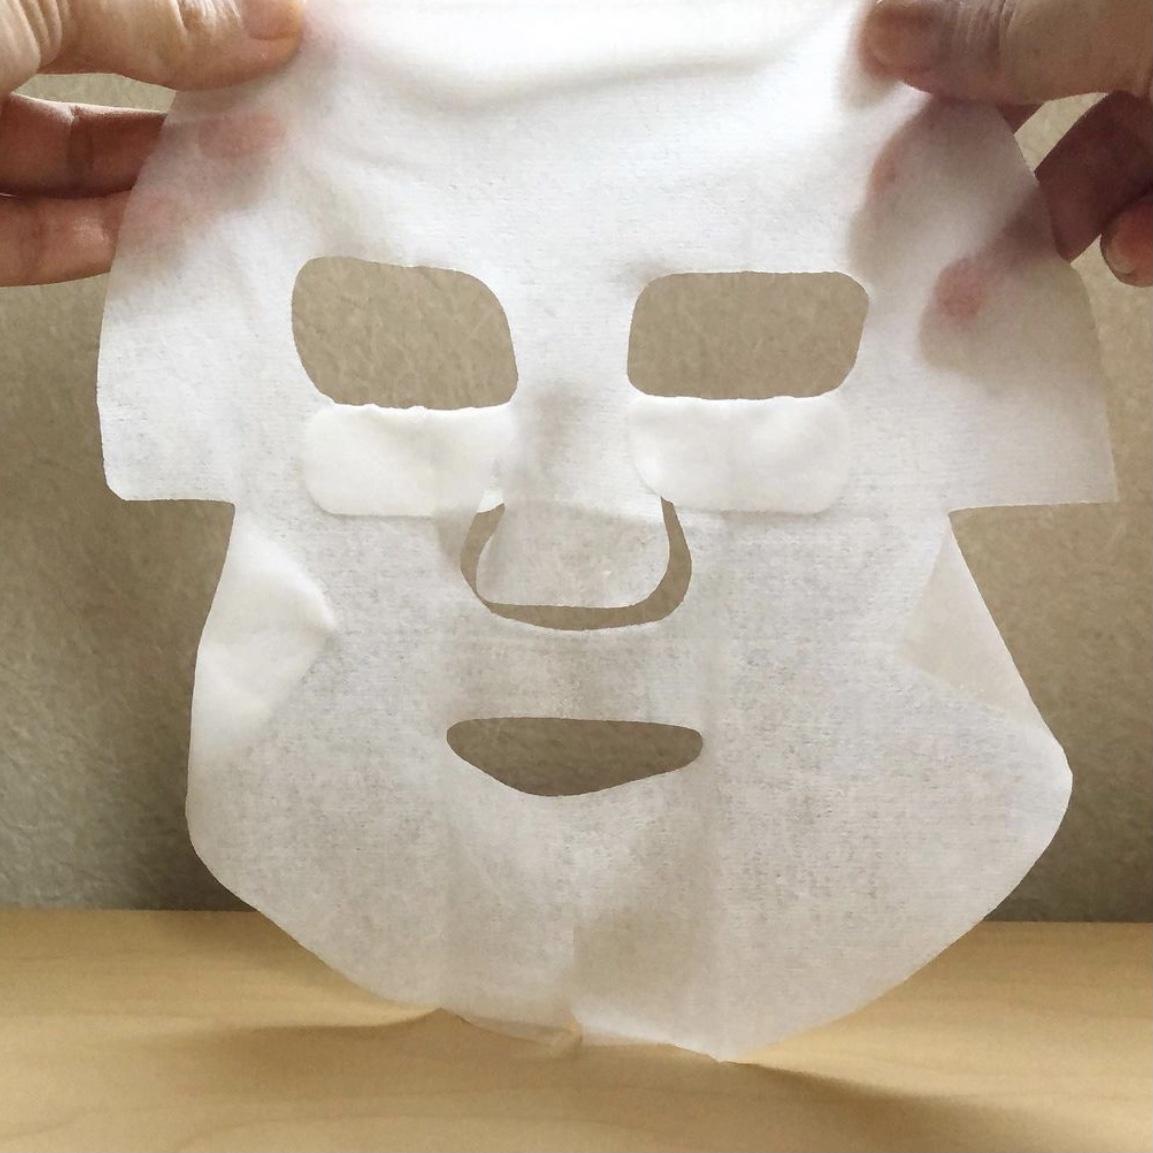 Domohorn Wrinkle(ドモホルンリンクル) しっとりフェイスマスク 肌養生を使ったlisa.1656さんのクチコミ画像2